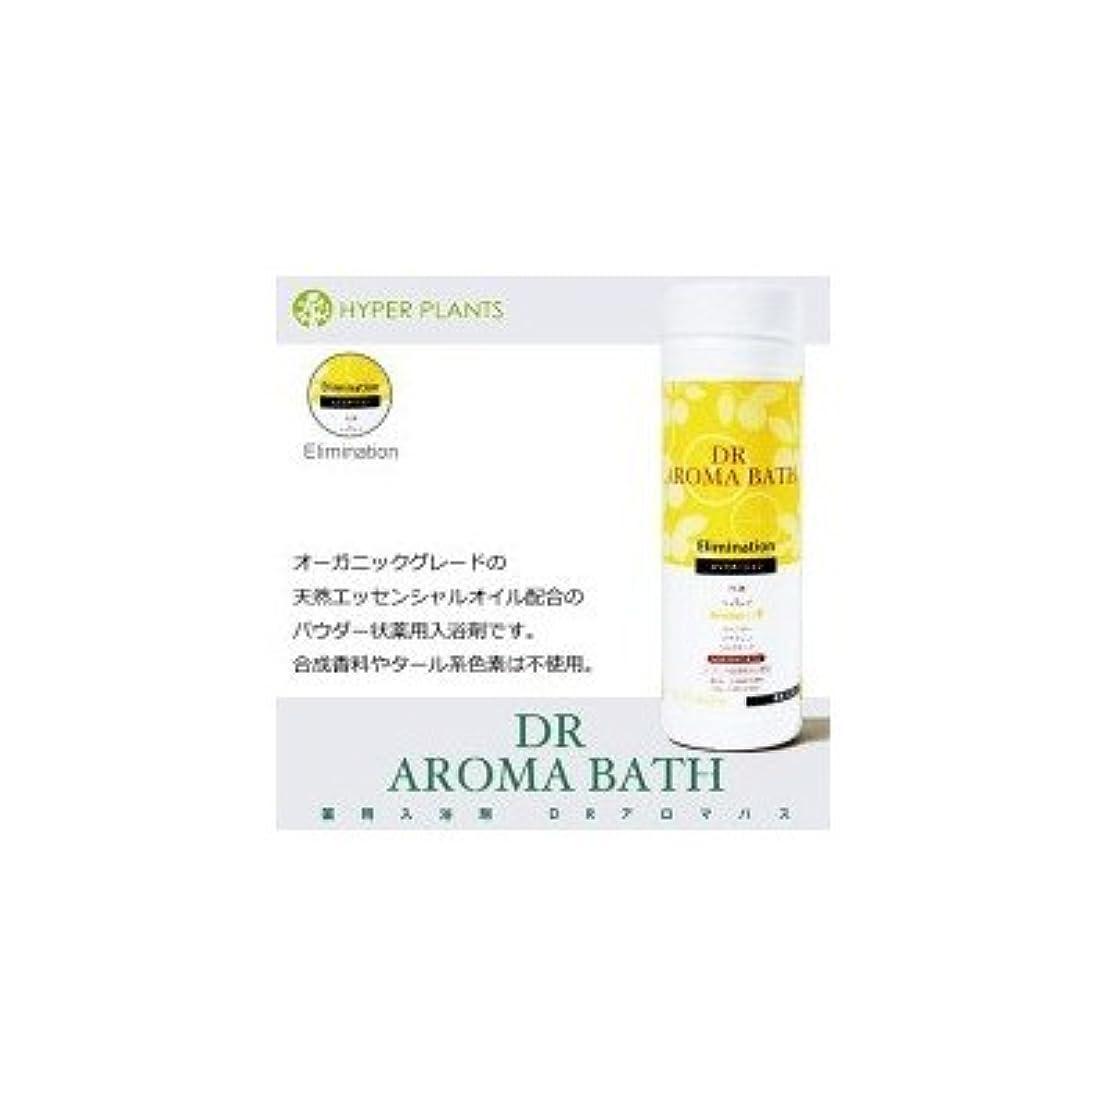 持続する昼寝欲しいです医薬部外品 薬用入浴剤 ハイパープランツ(HYPER PLANTS) DRアロマバス エリミネーション 500g HNB006